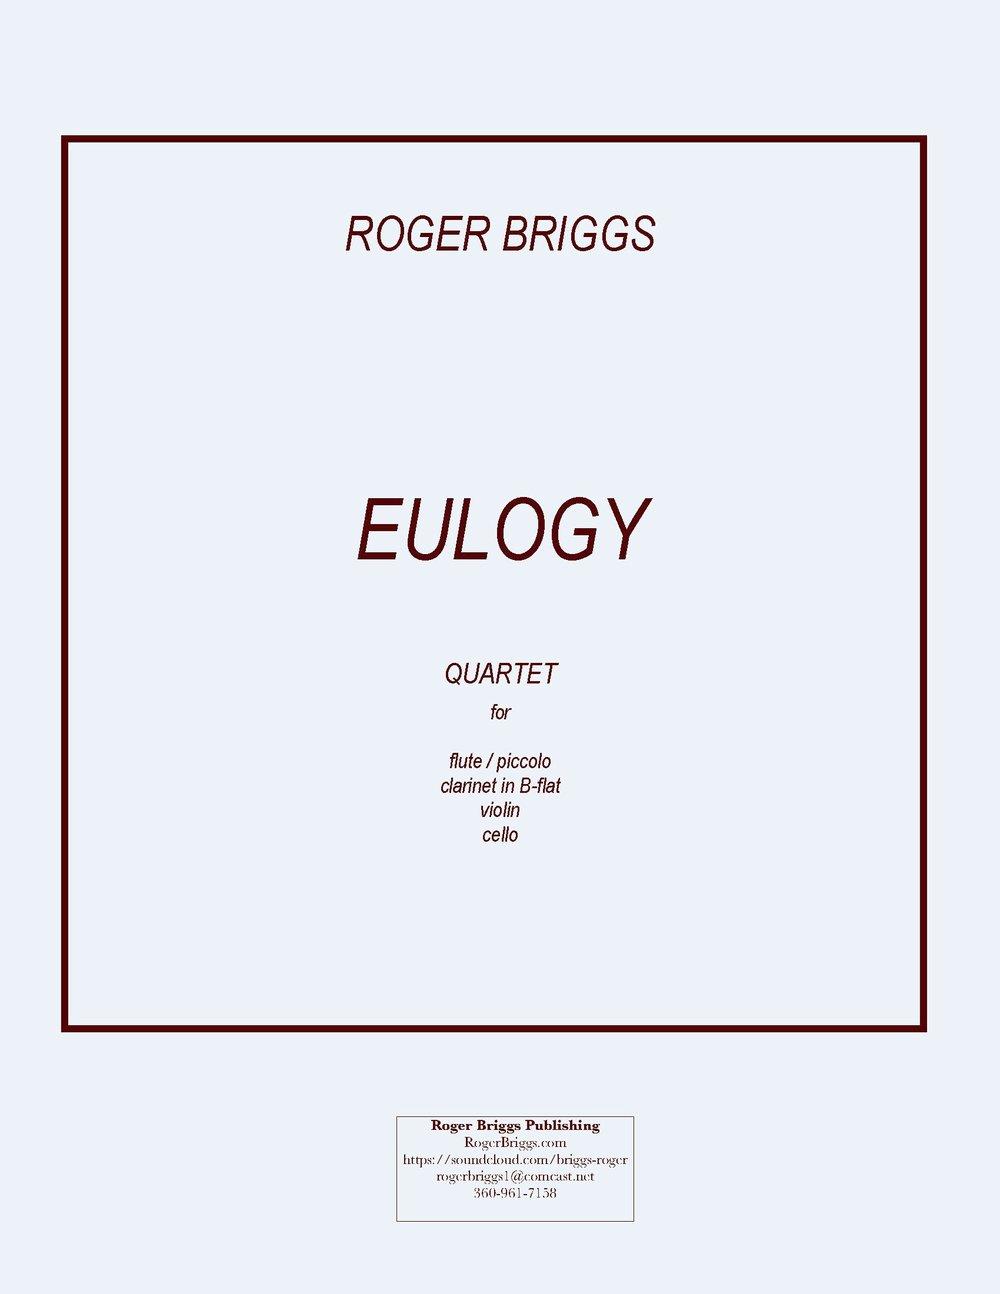 Eulogy p1-border-lighter blue.jpg